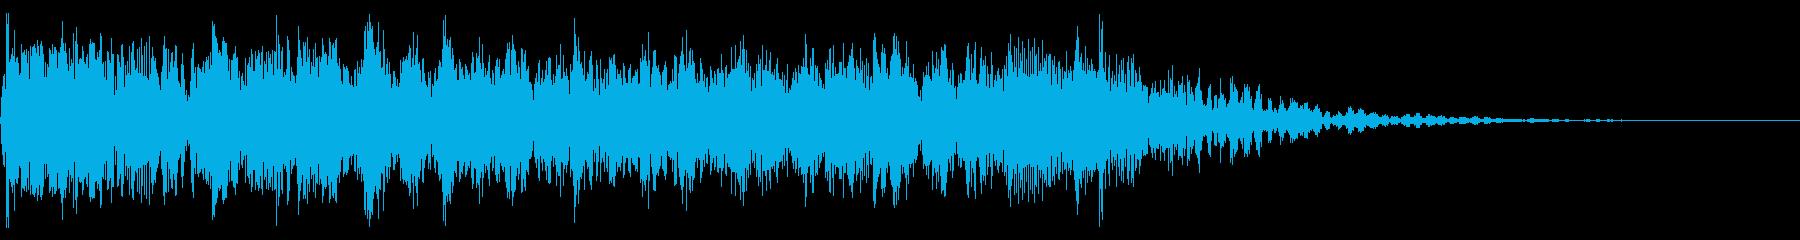 YouTube尺八による和風ジングル04の再生済みの波形